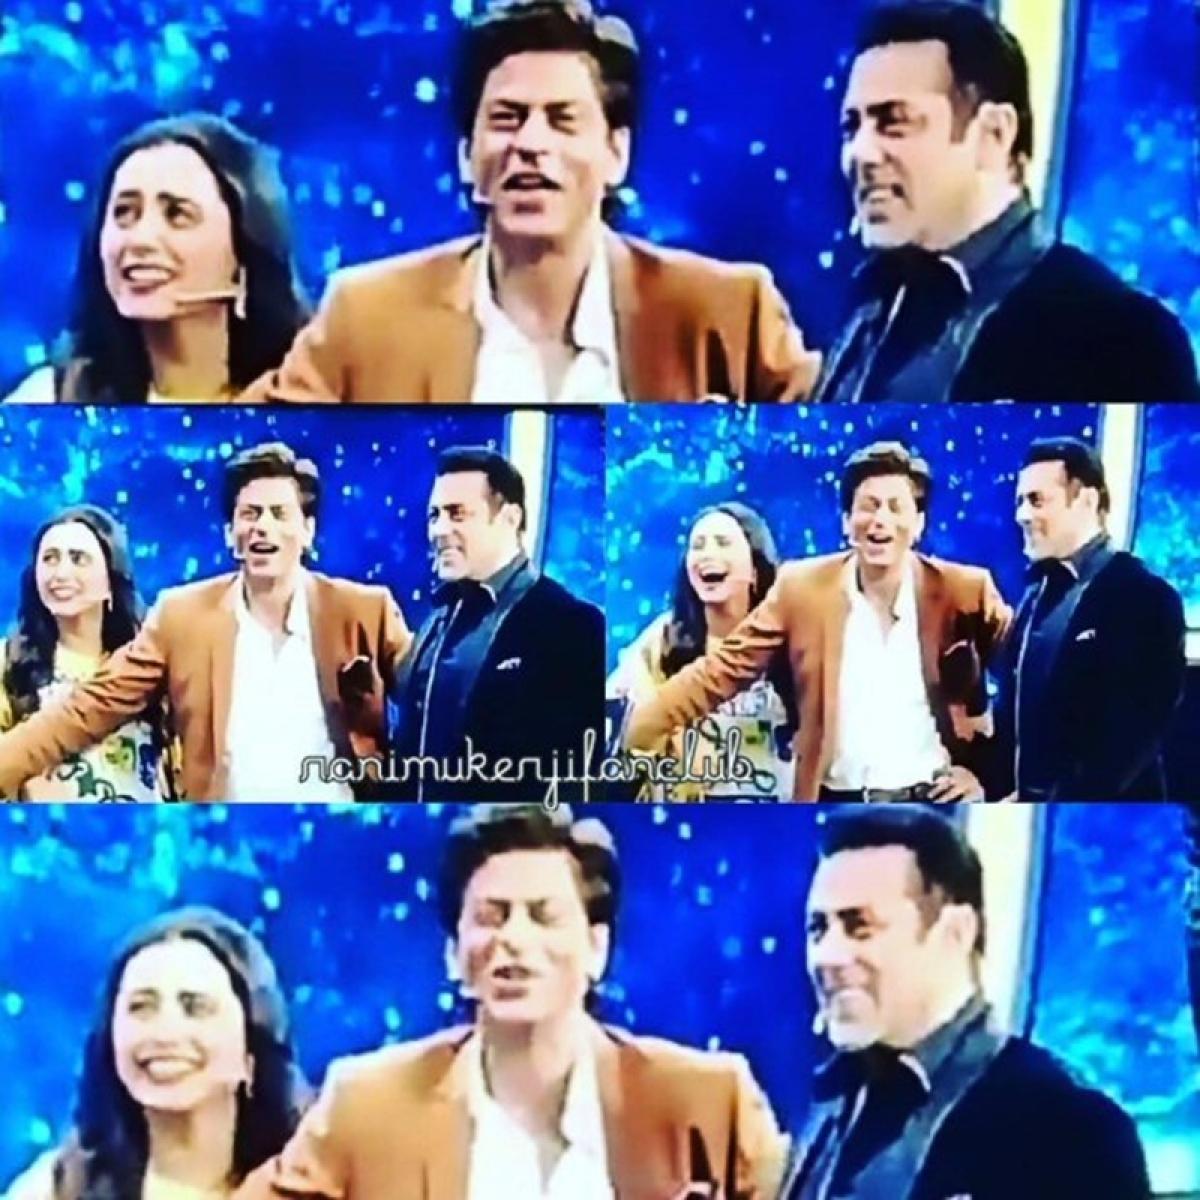 WOW! Rani Mukerji joins Karan Arjun stars Shah Rukh Khan and Salman Khan on Dus Ka Dum; see pics